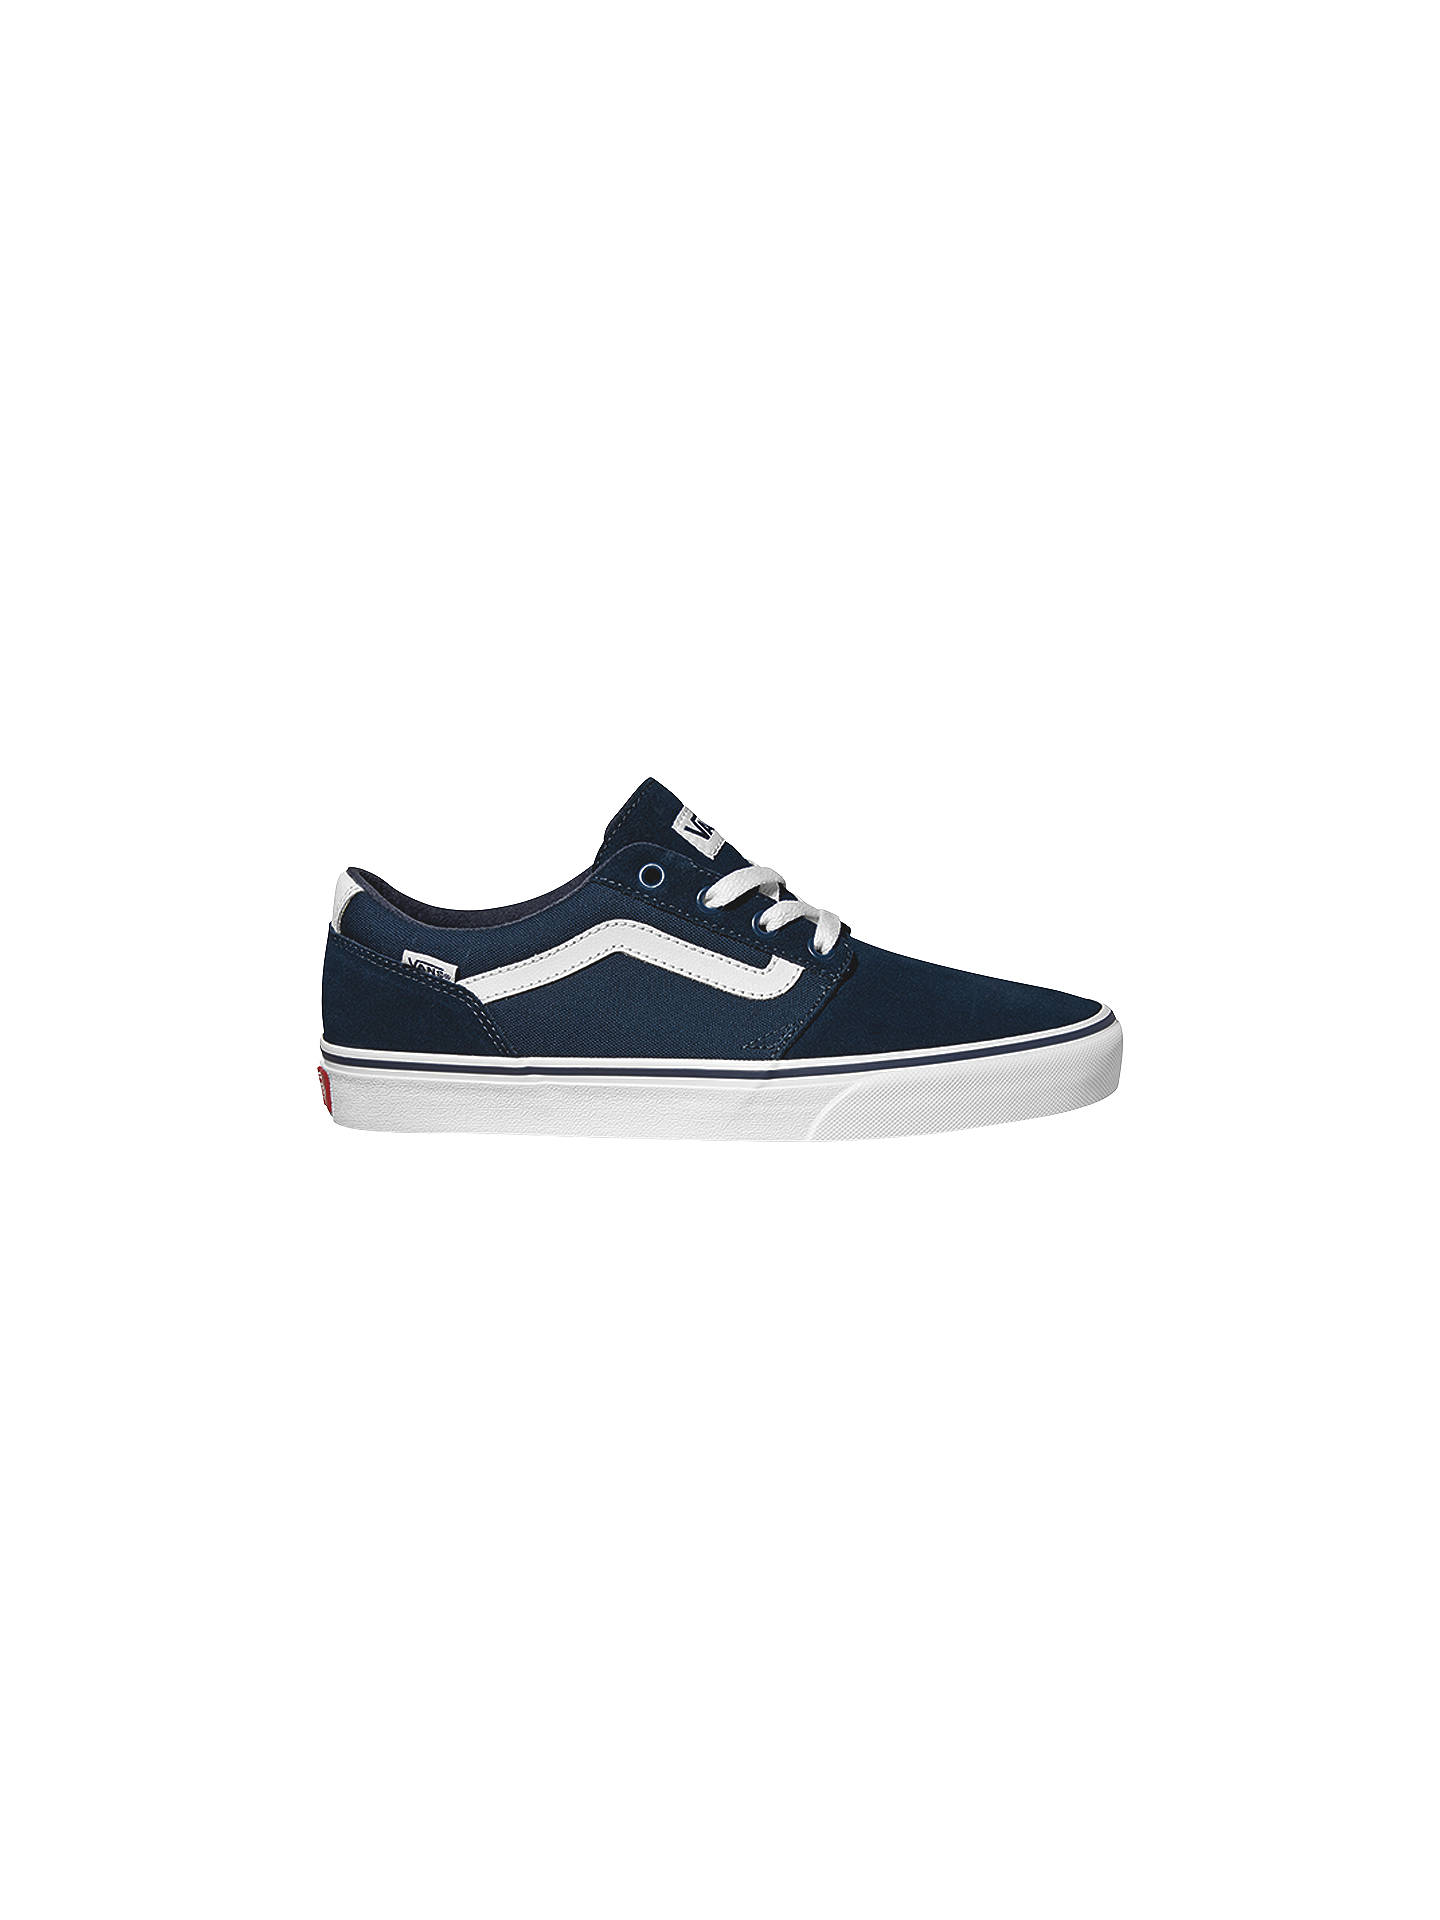 59167f9e5c Buy Vans Chapman Stripe Suede Trainers